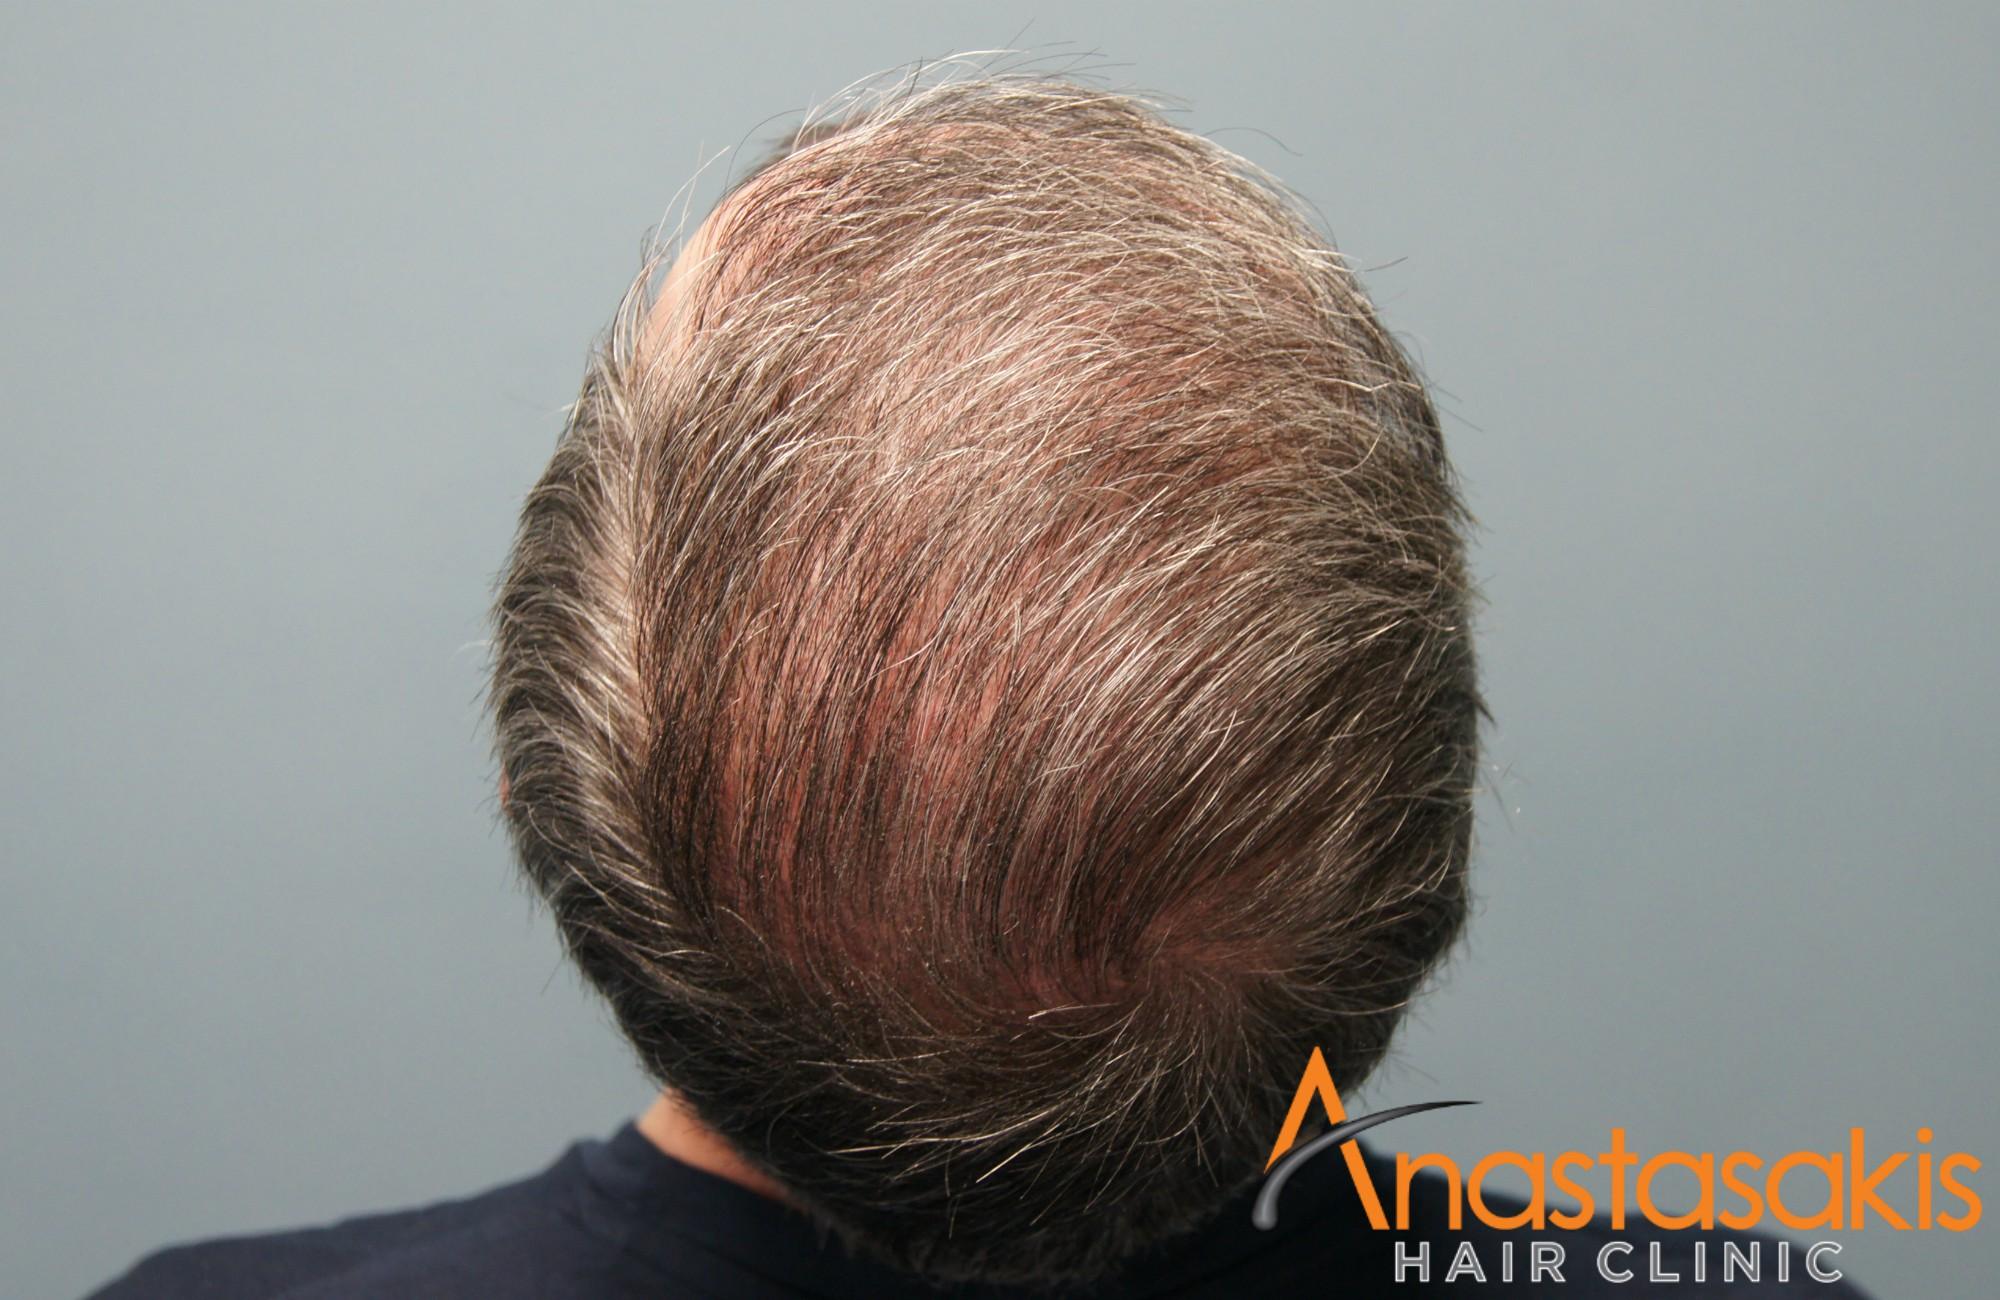 κορυφη ασθενους μετα τη μεταμοσχευση μαλλιων με 3050 fus